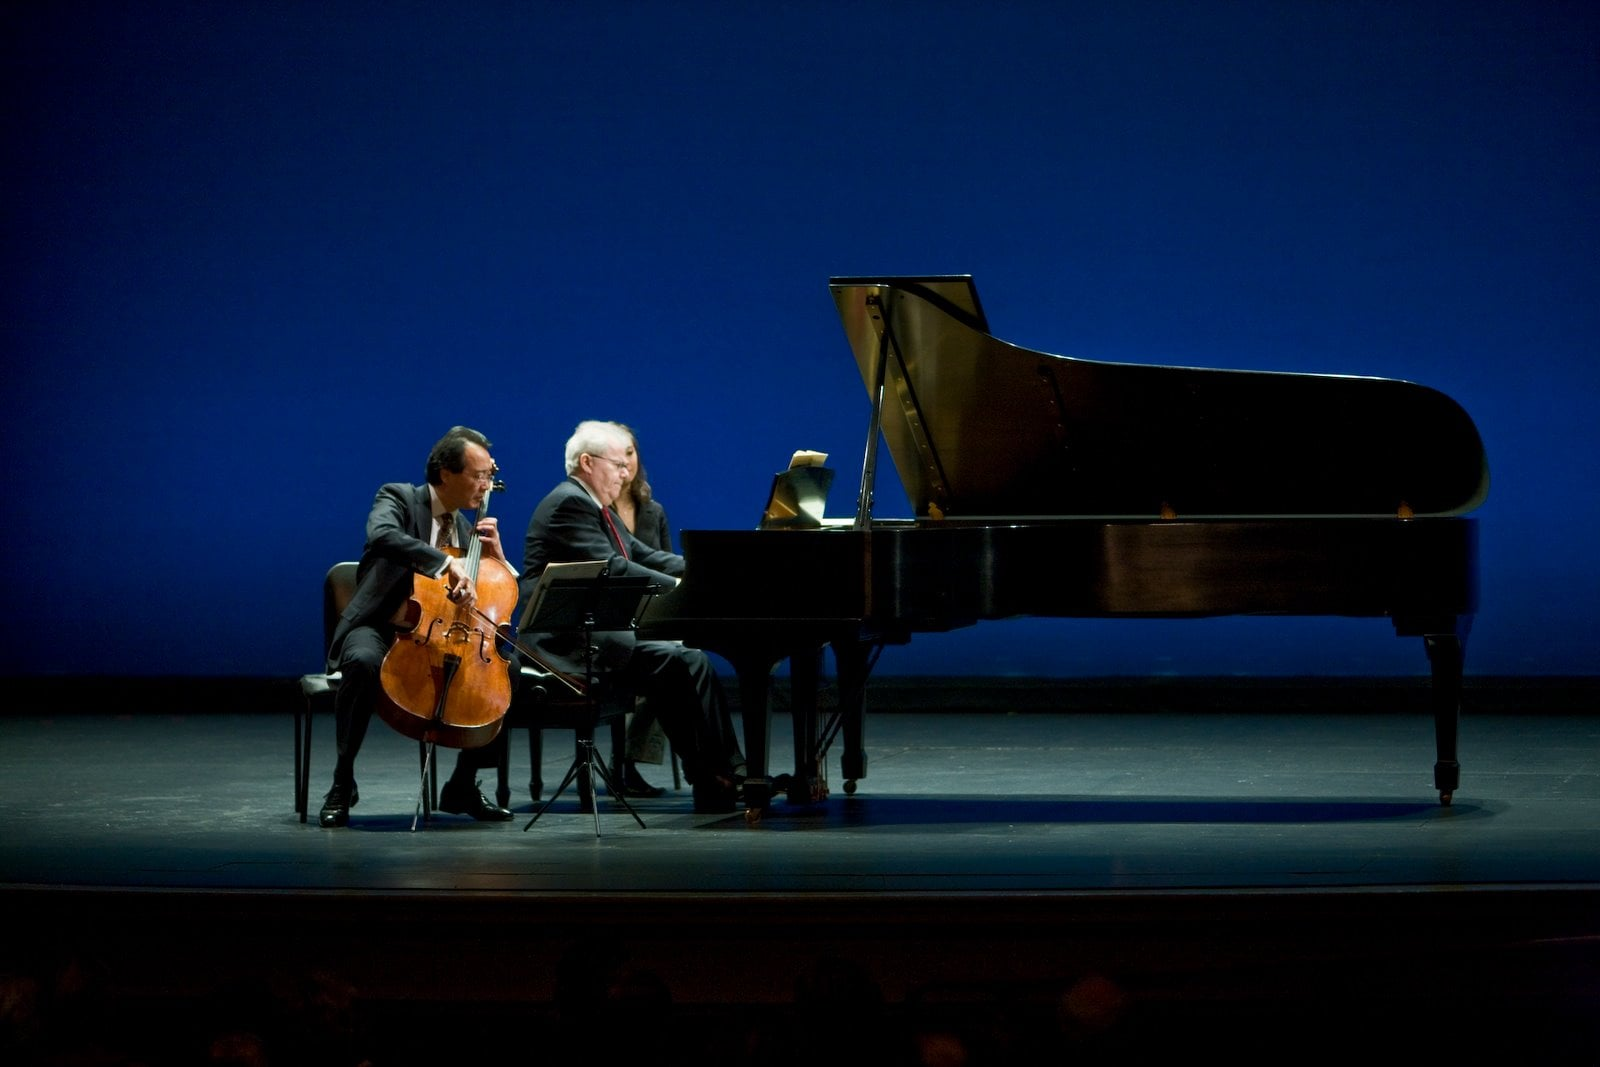 Emanuel Ax and Yo-Yo Ma